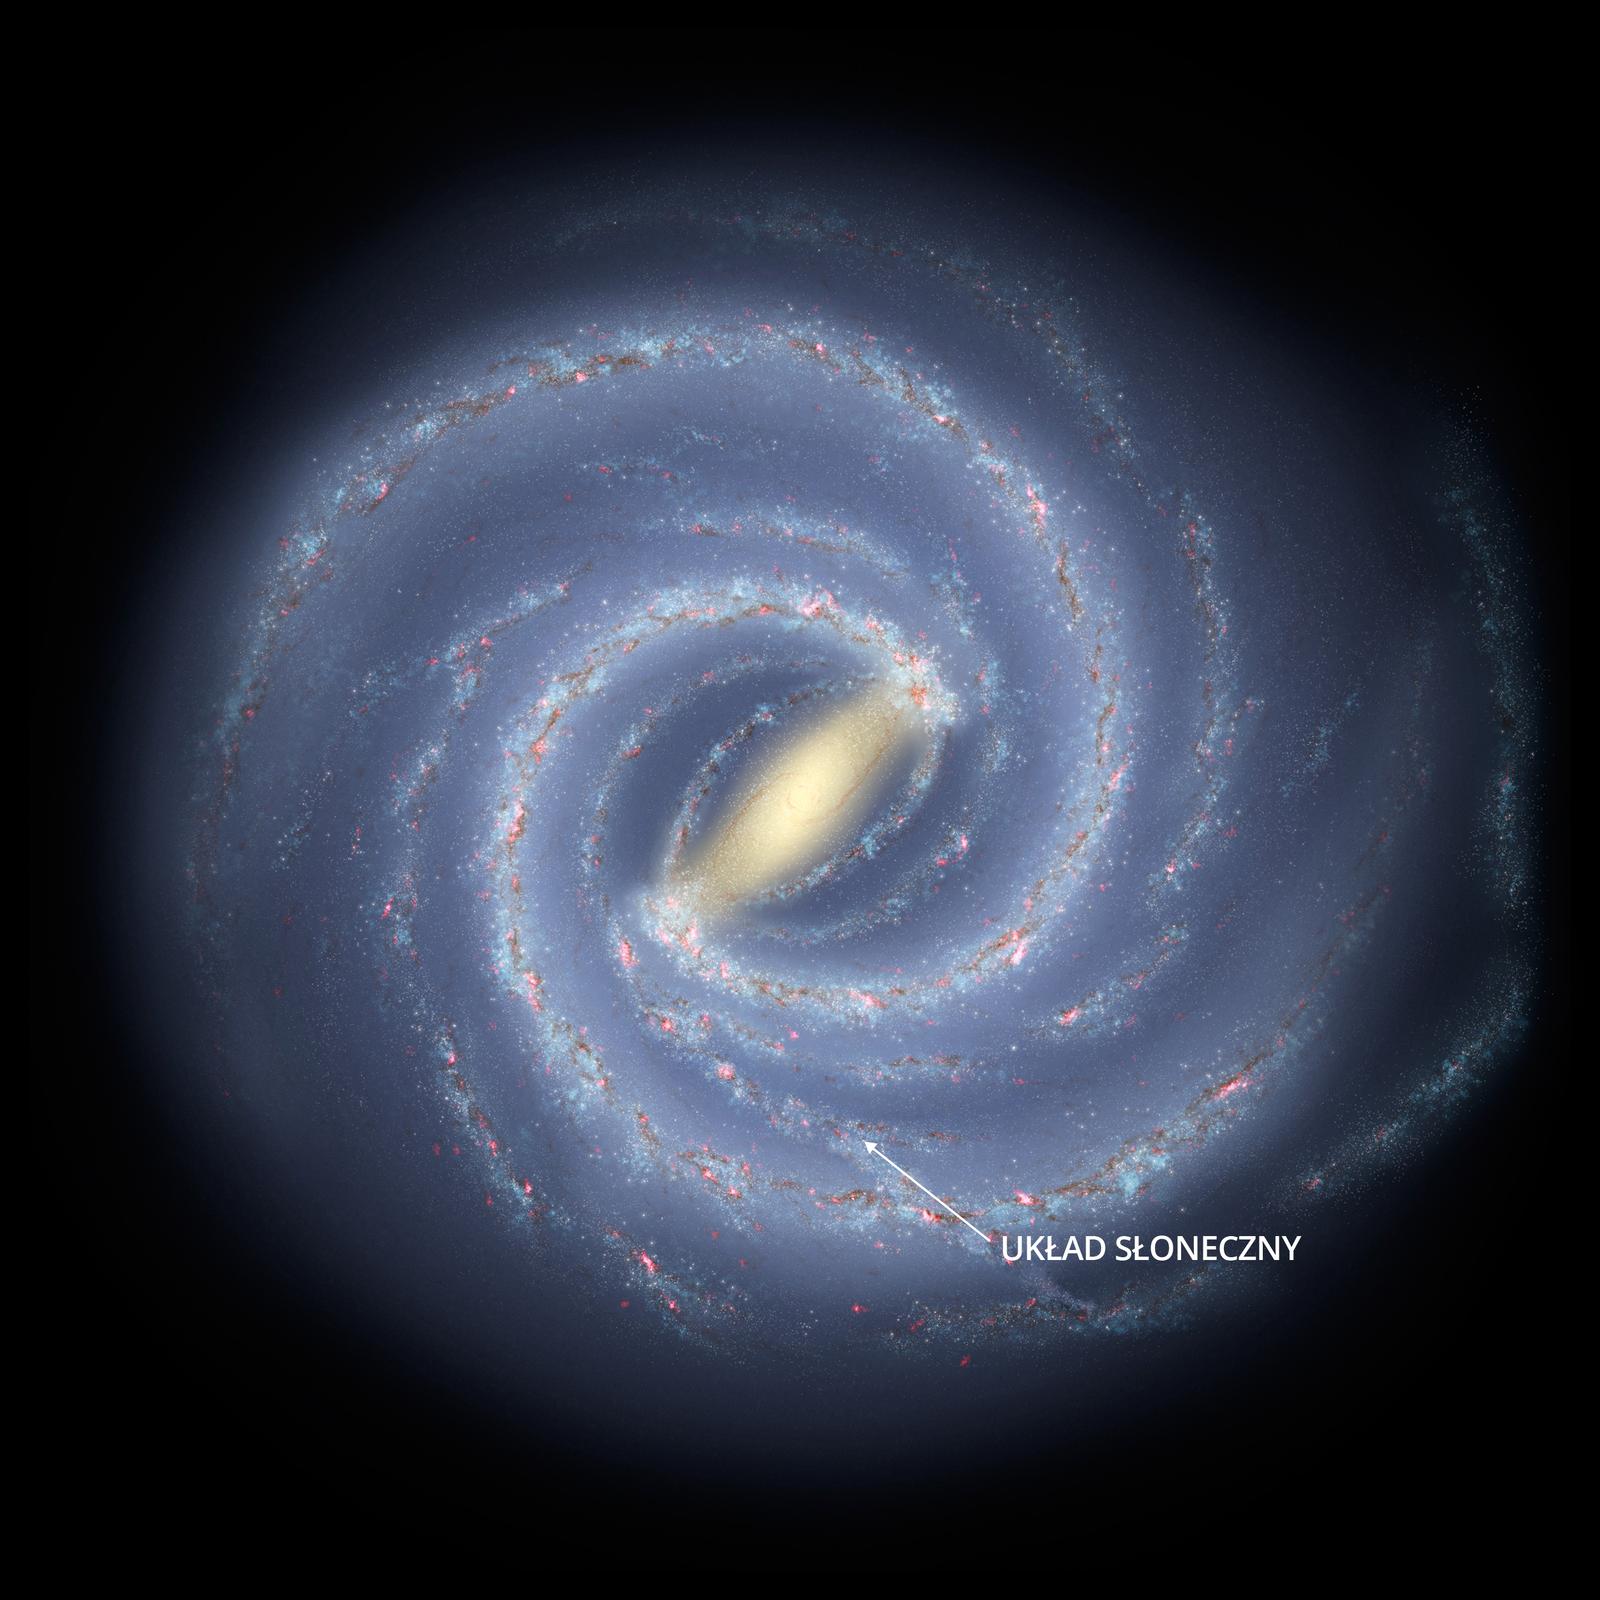 Grafika prezentuje wygląd galaktyki Drogi Mlecznej. Galaktyka prezentowana od góry ma kształt spiralny, wjej centrum znajduje się jadro. Wpołowie jej szerokości zaznaczono Układ Słoneczny.